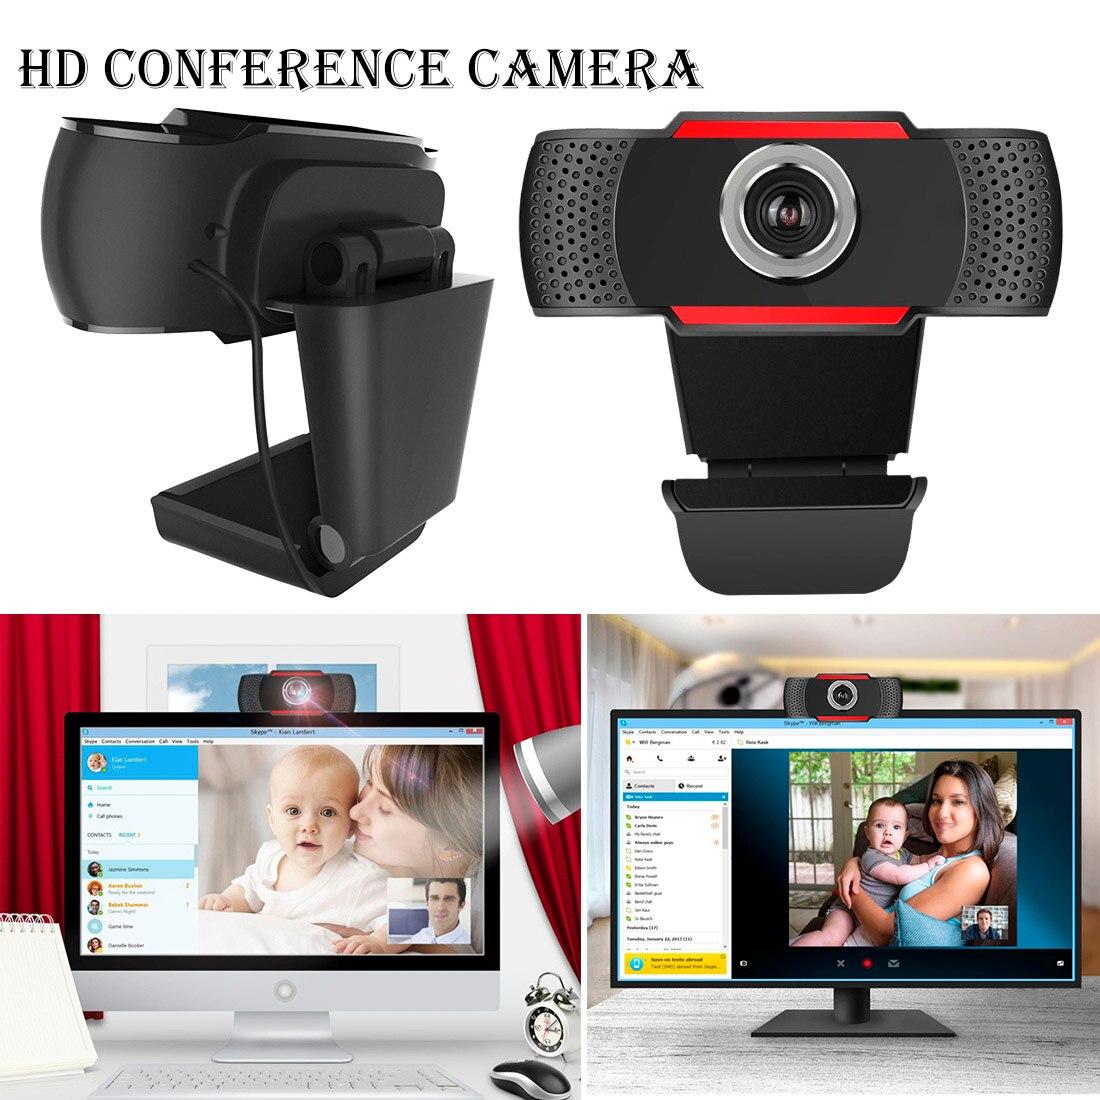 WEB USB Webcam de Alta Definição 480P Camera Web Cam 360 Graus MIC Clip-on para Skype Computador PC câmera portátil